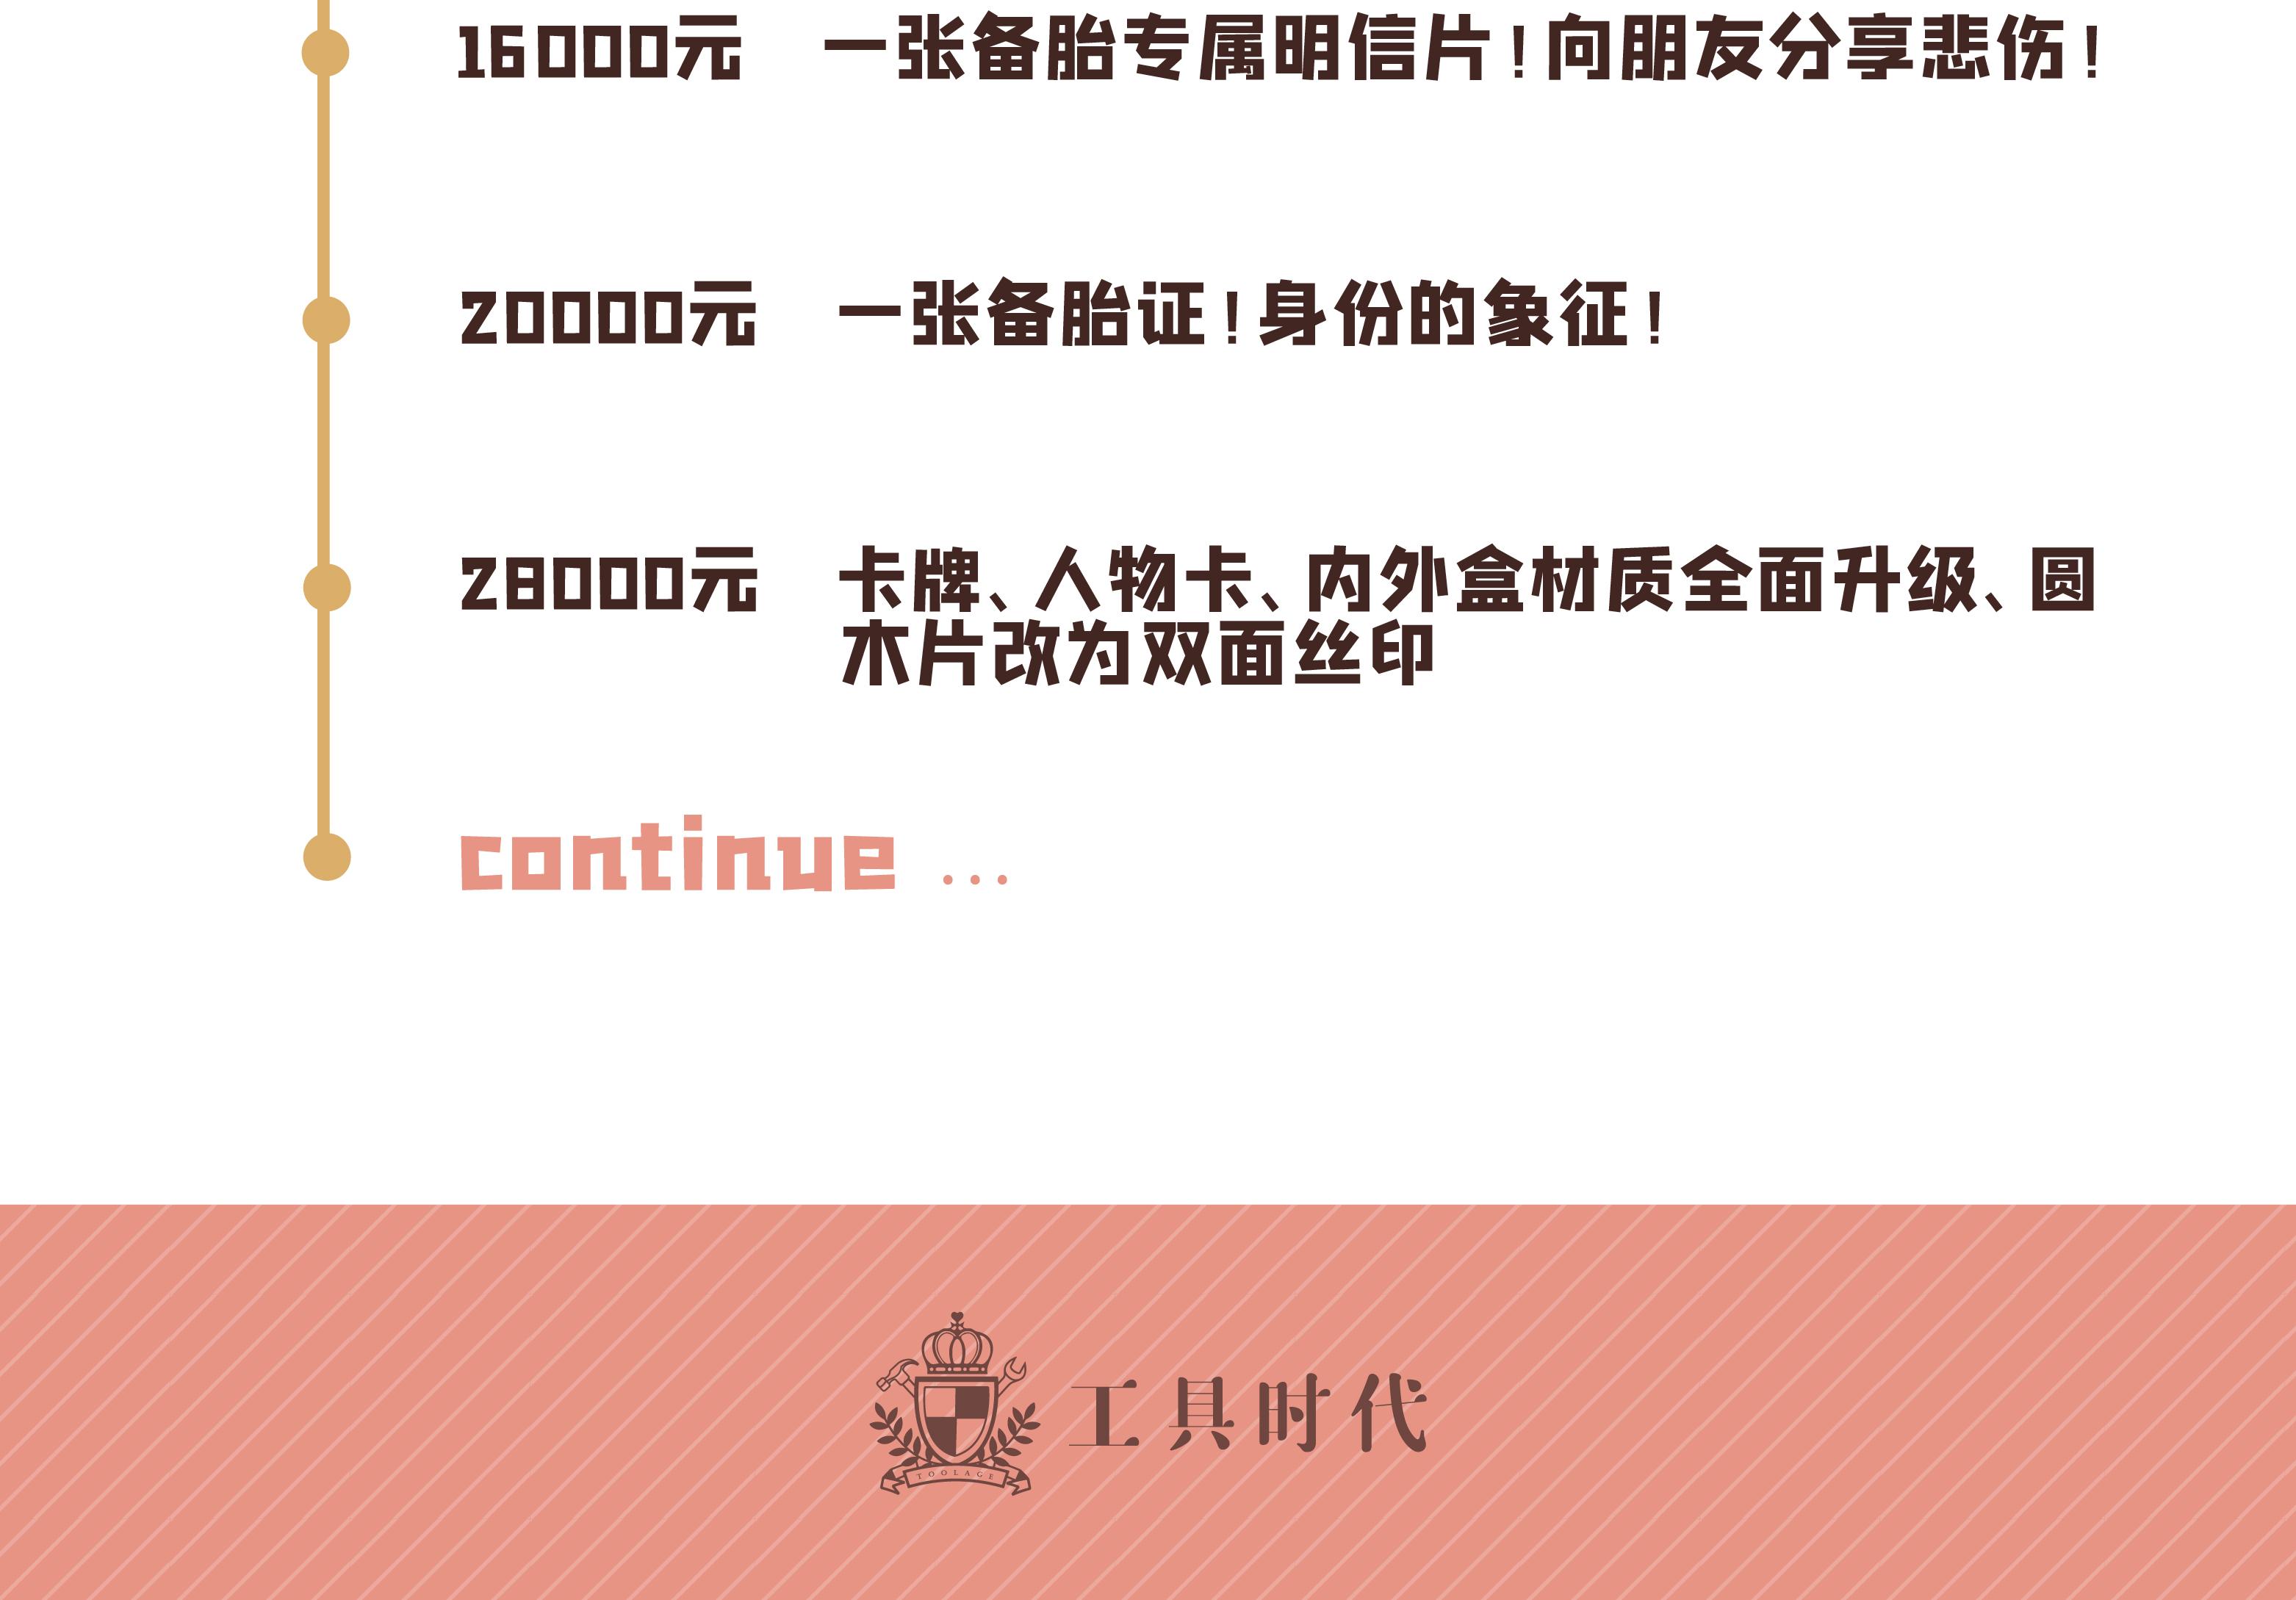 20190904-众筹封面-详情_画板-1_20.jpg